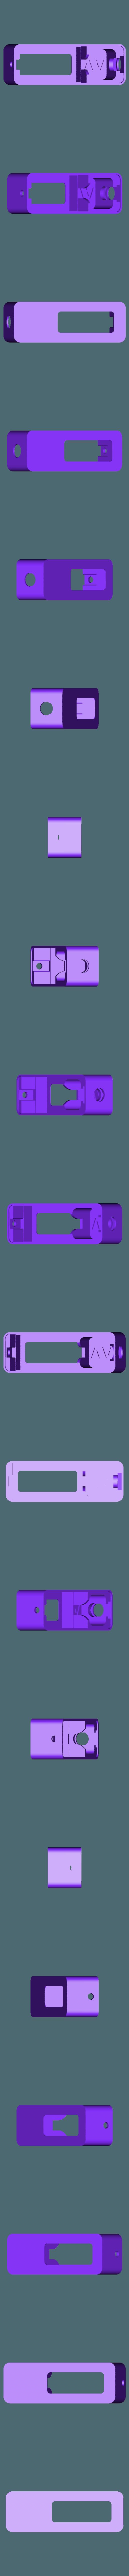 VA_Meter_Case_v2-0_TOP.STL Download free STL file Voltmeter/Ammeter Case - 2 • 3D print object, WalterHsiao